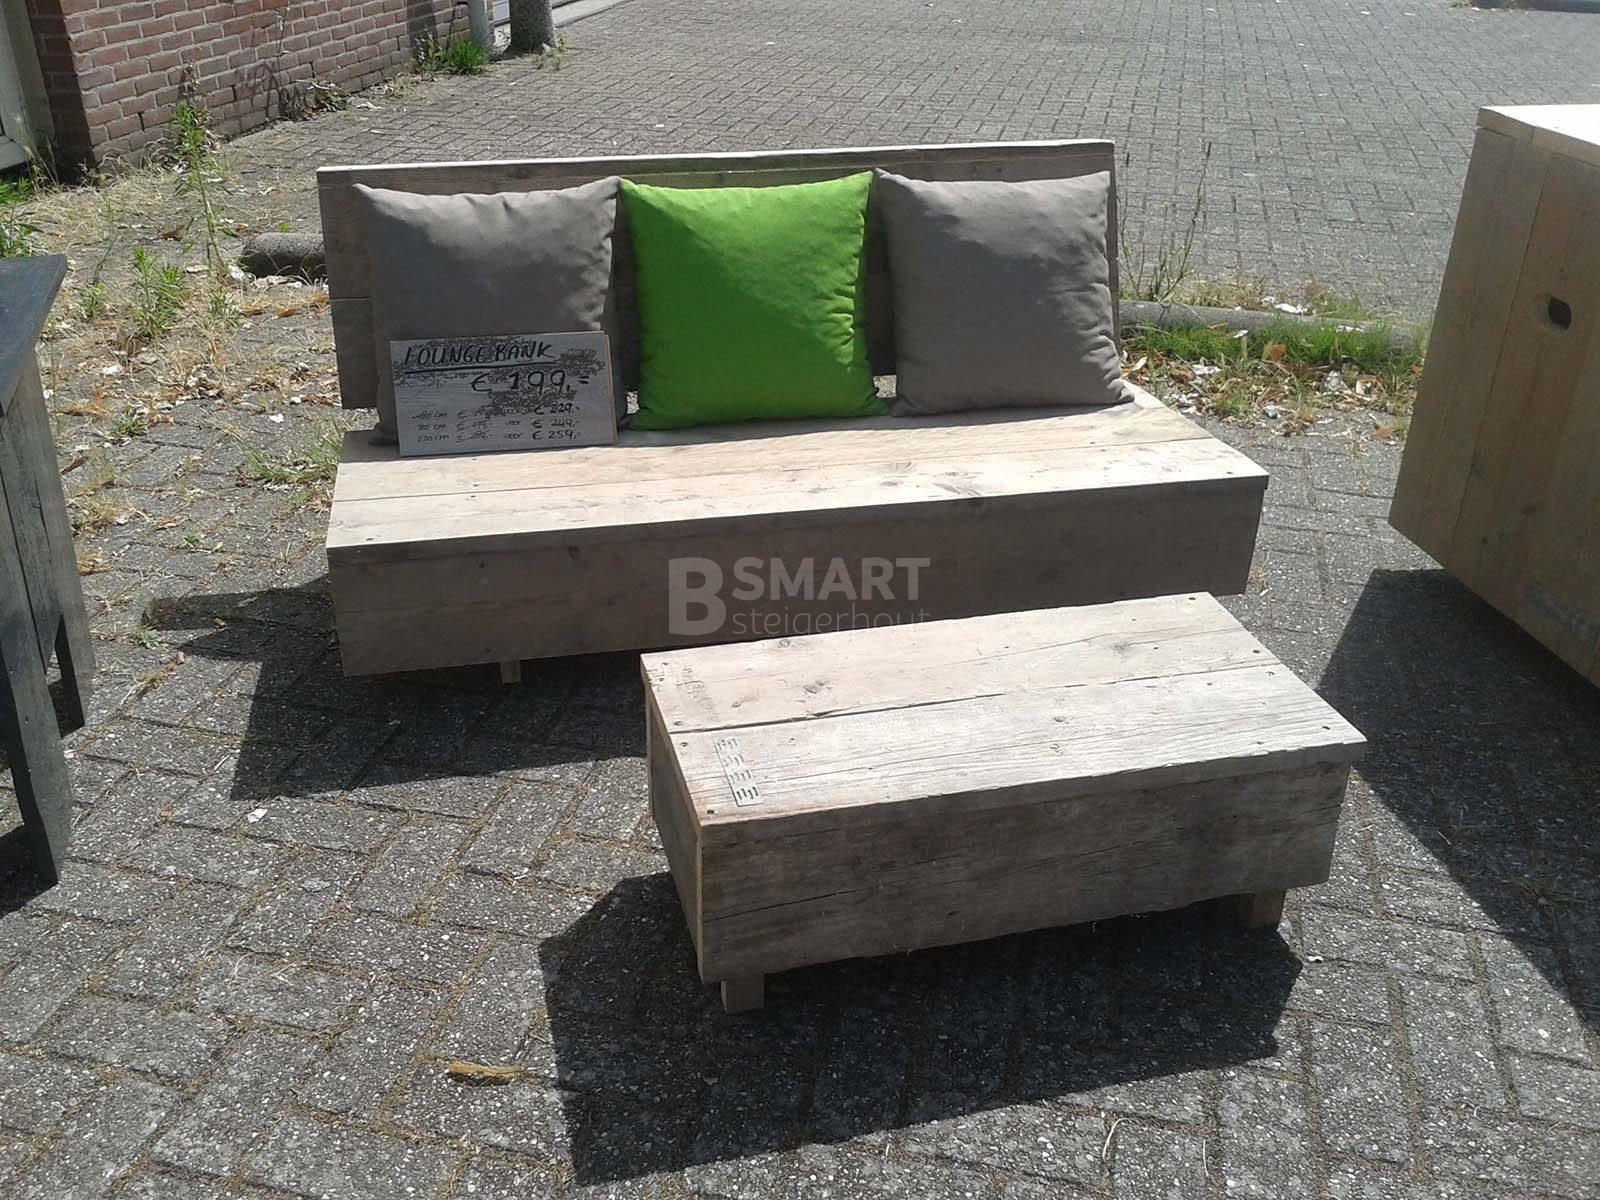 Lage loungebank steigerhout b smart steigerhout for Loungebank steigerhout